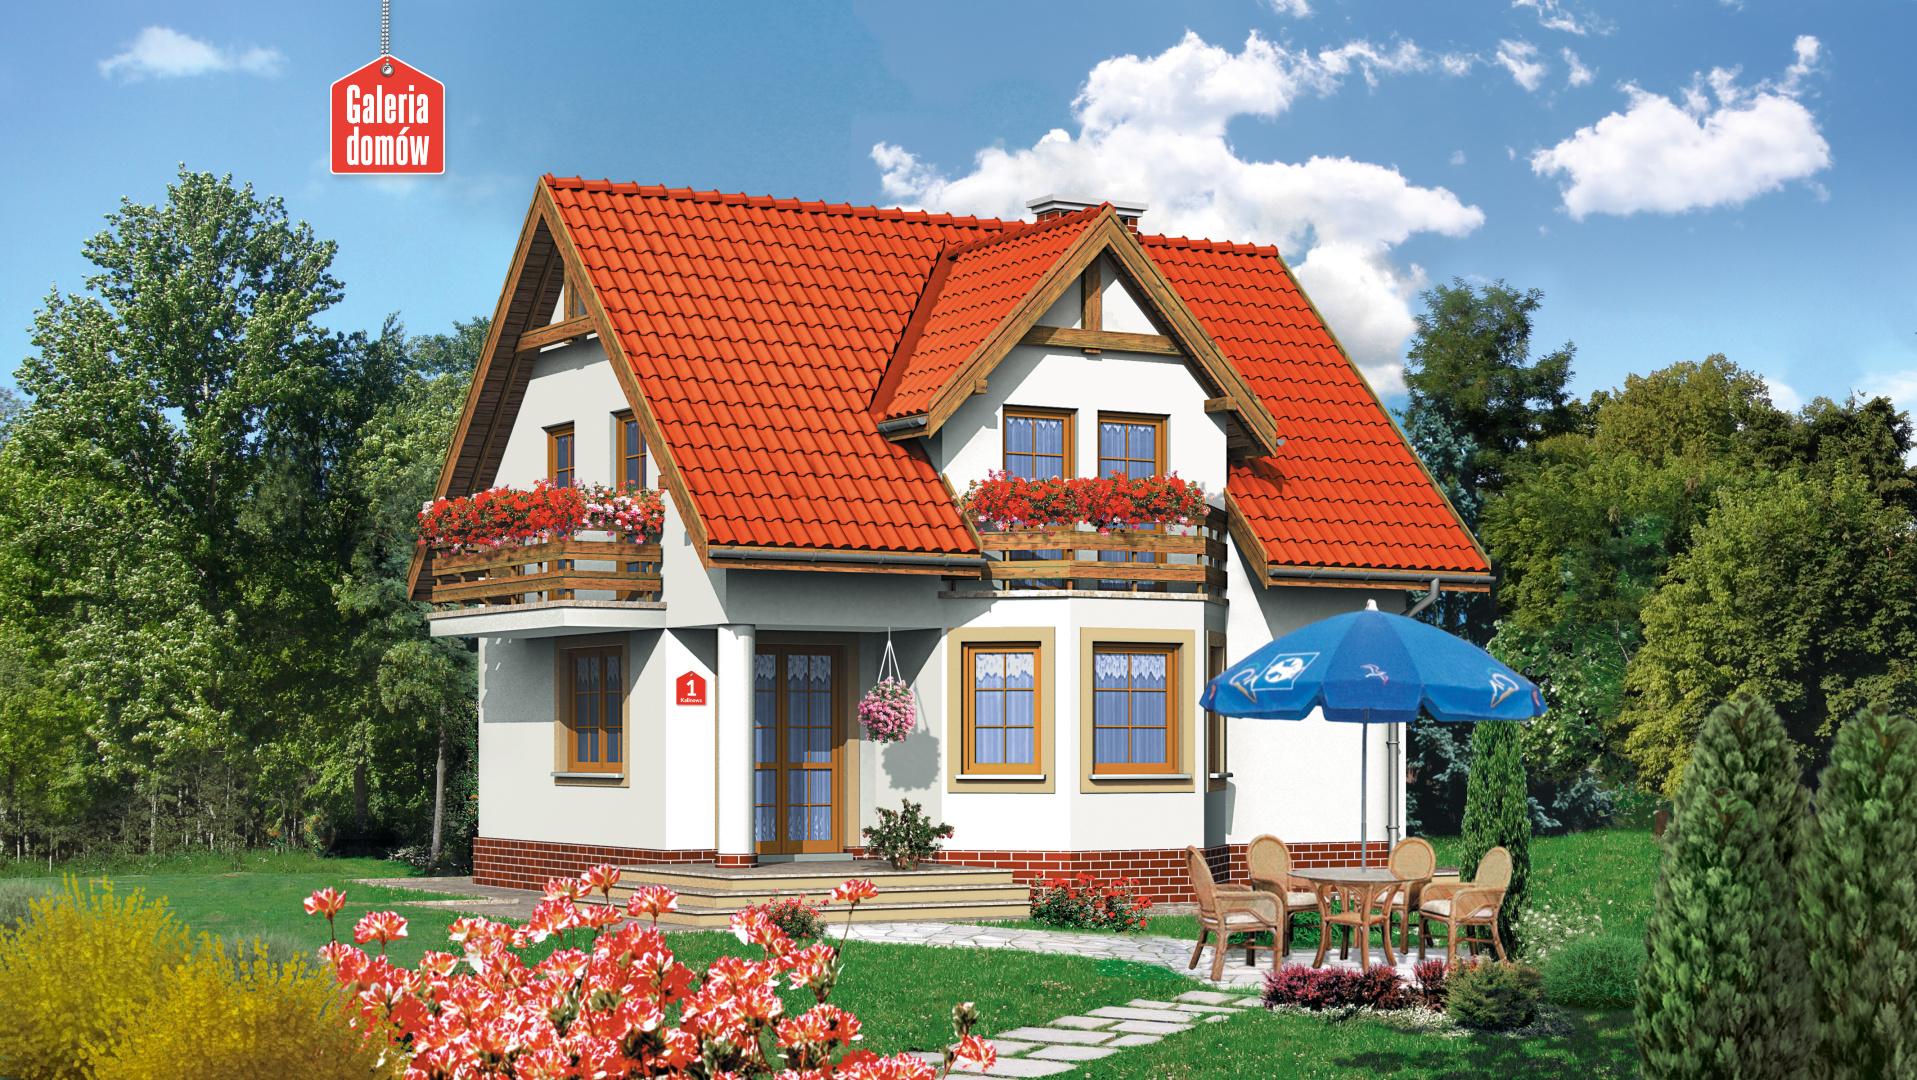 Dom przy Kalinowej - zdjęcie projektu i wizualizacja